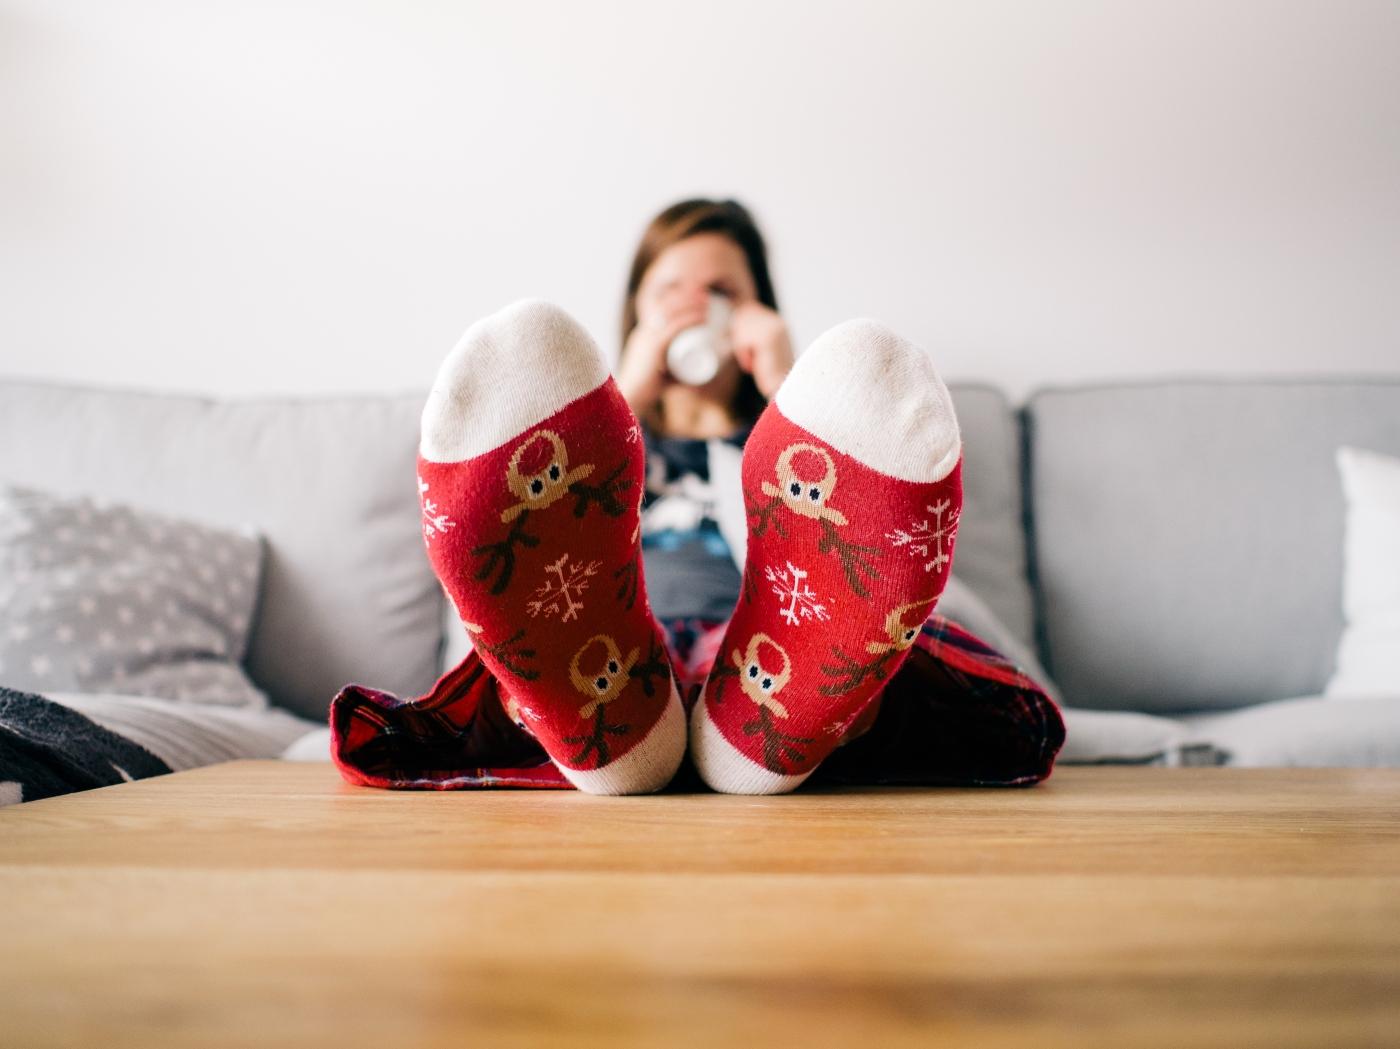 socks-feet-pajamas-table-85842.jpeg